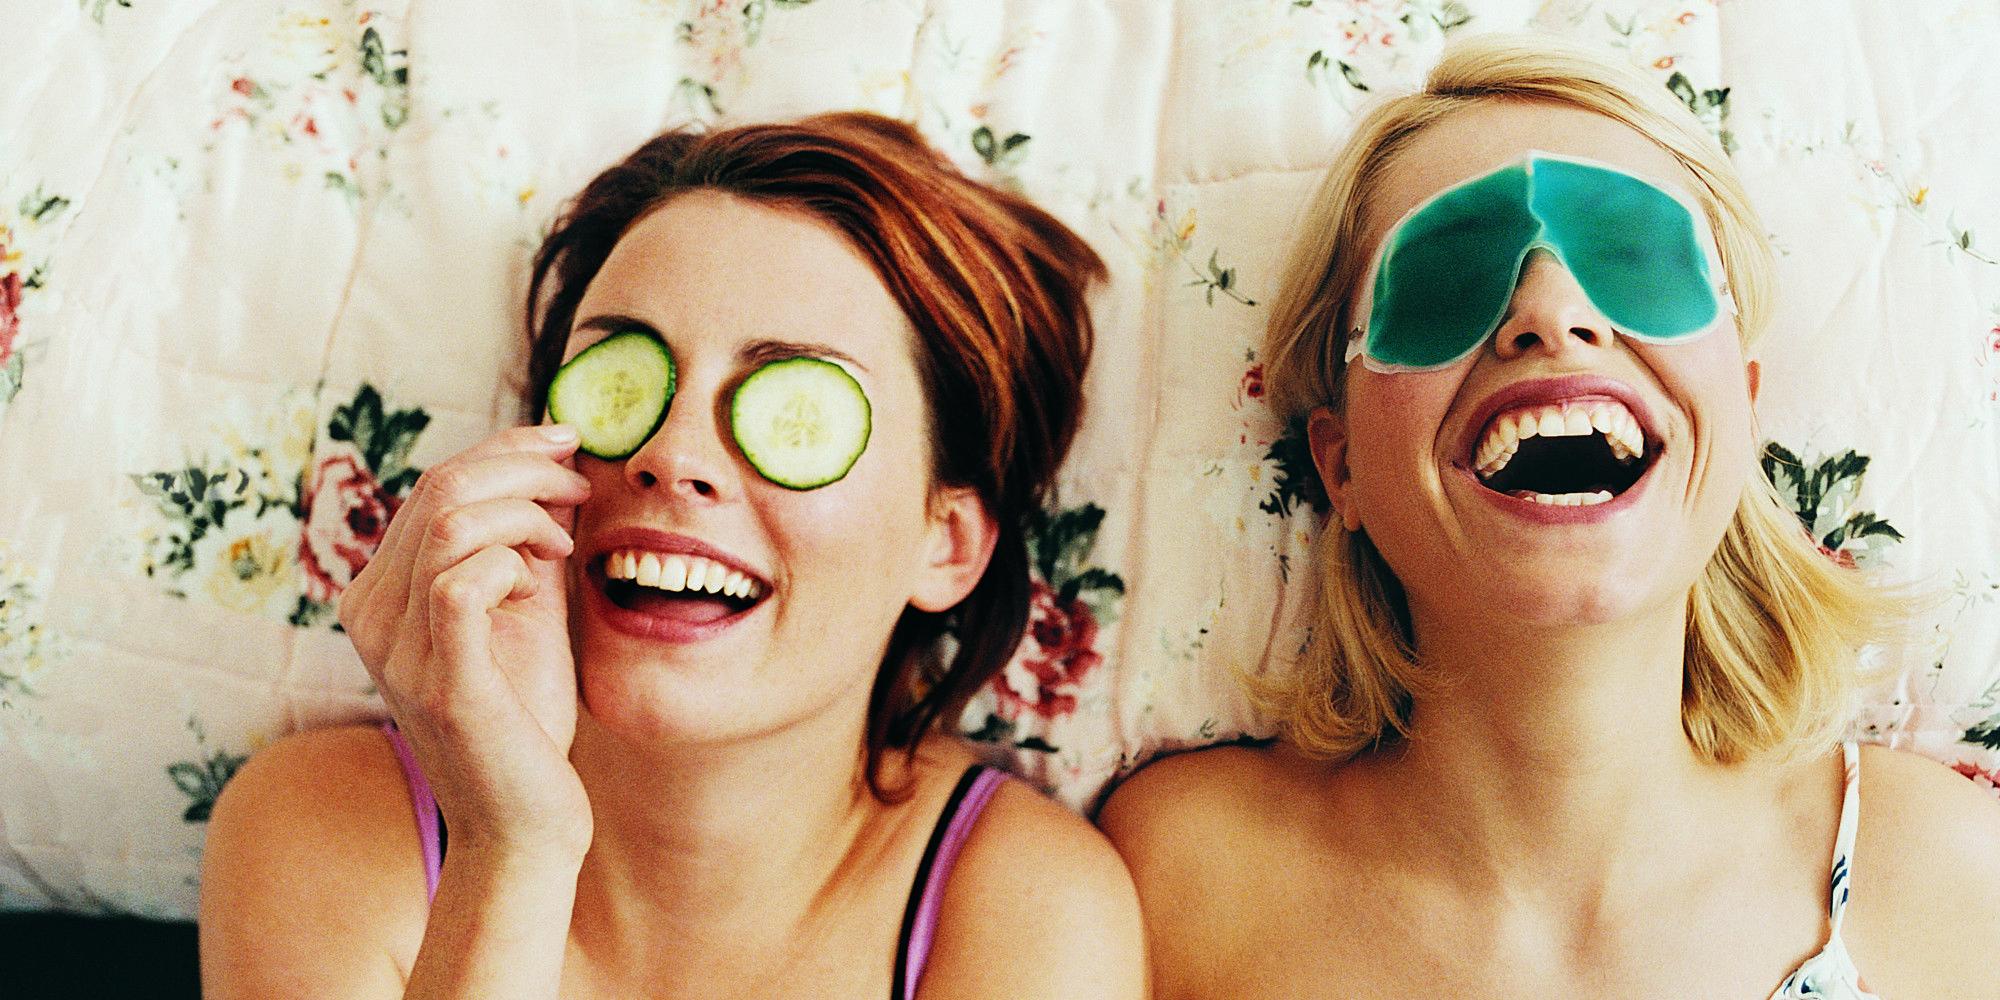 15 полезных привычек привлекательных людей